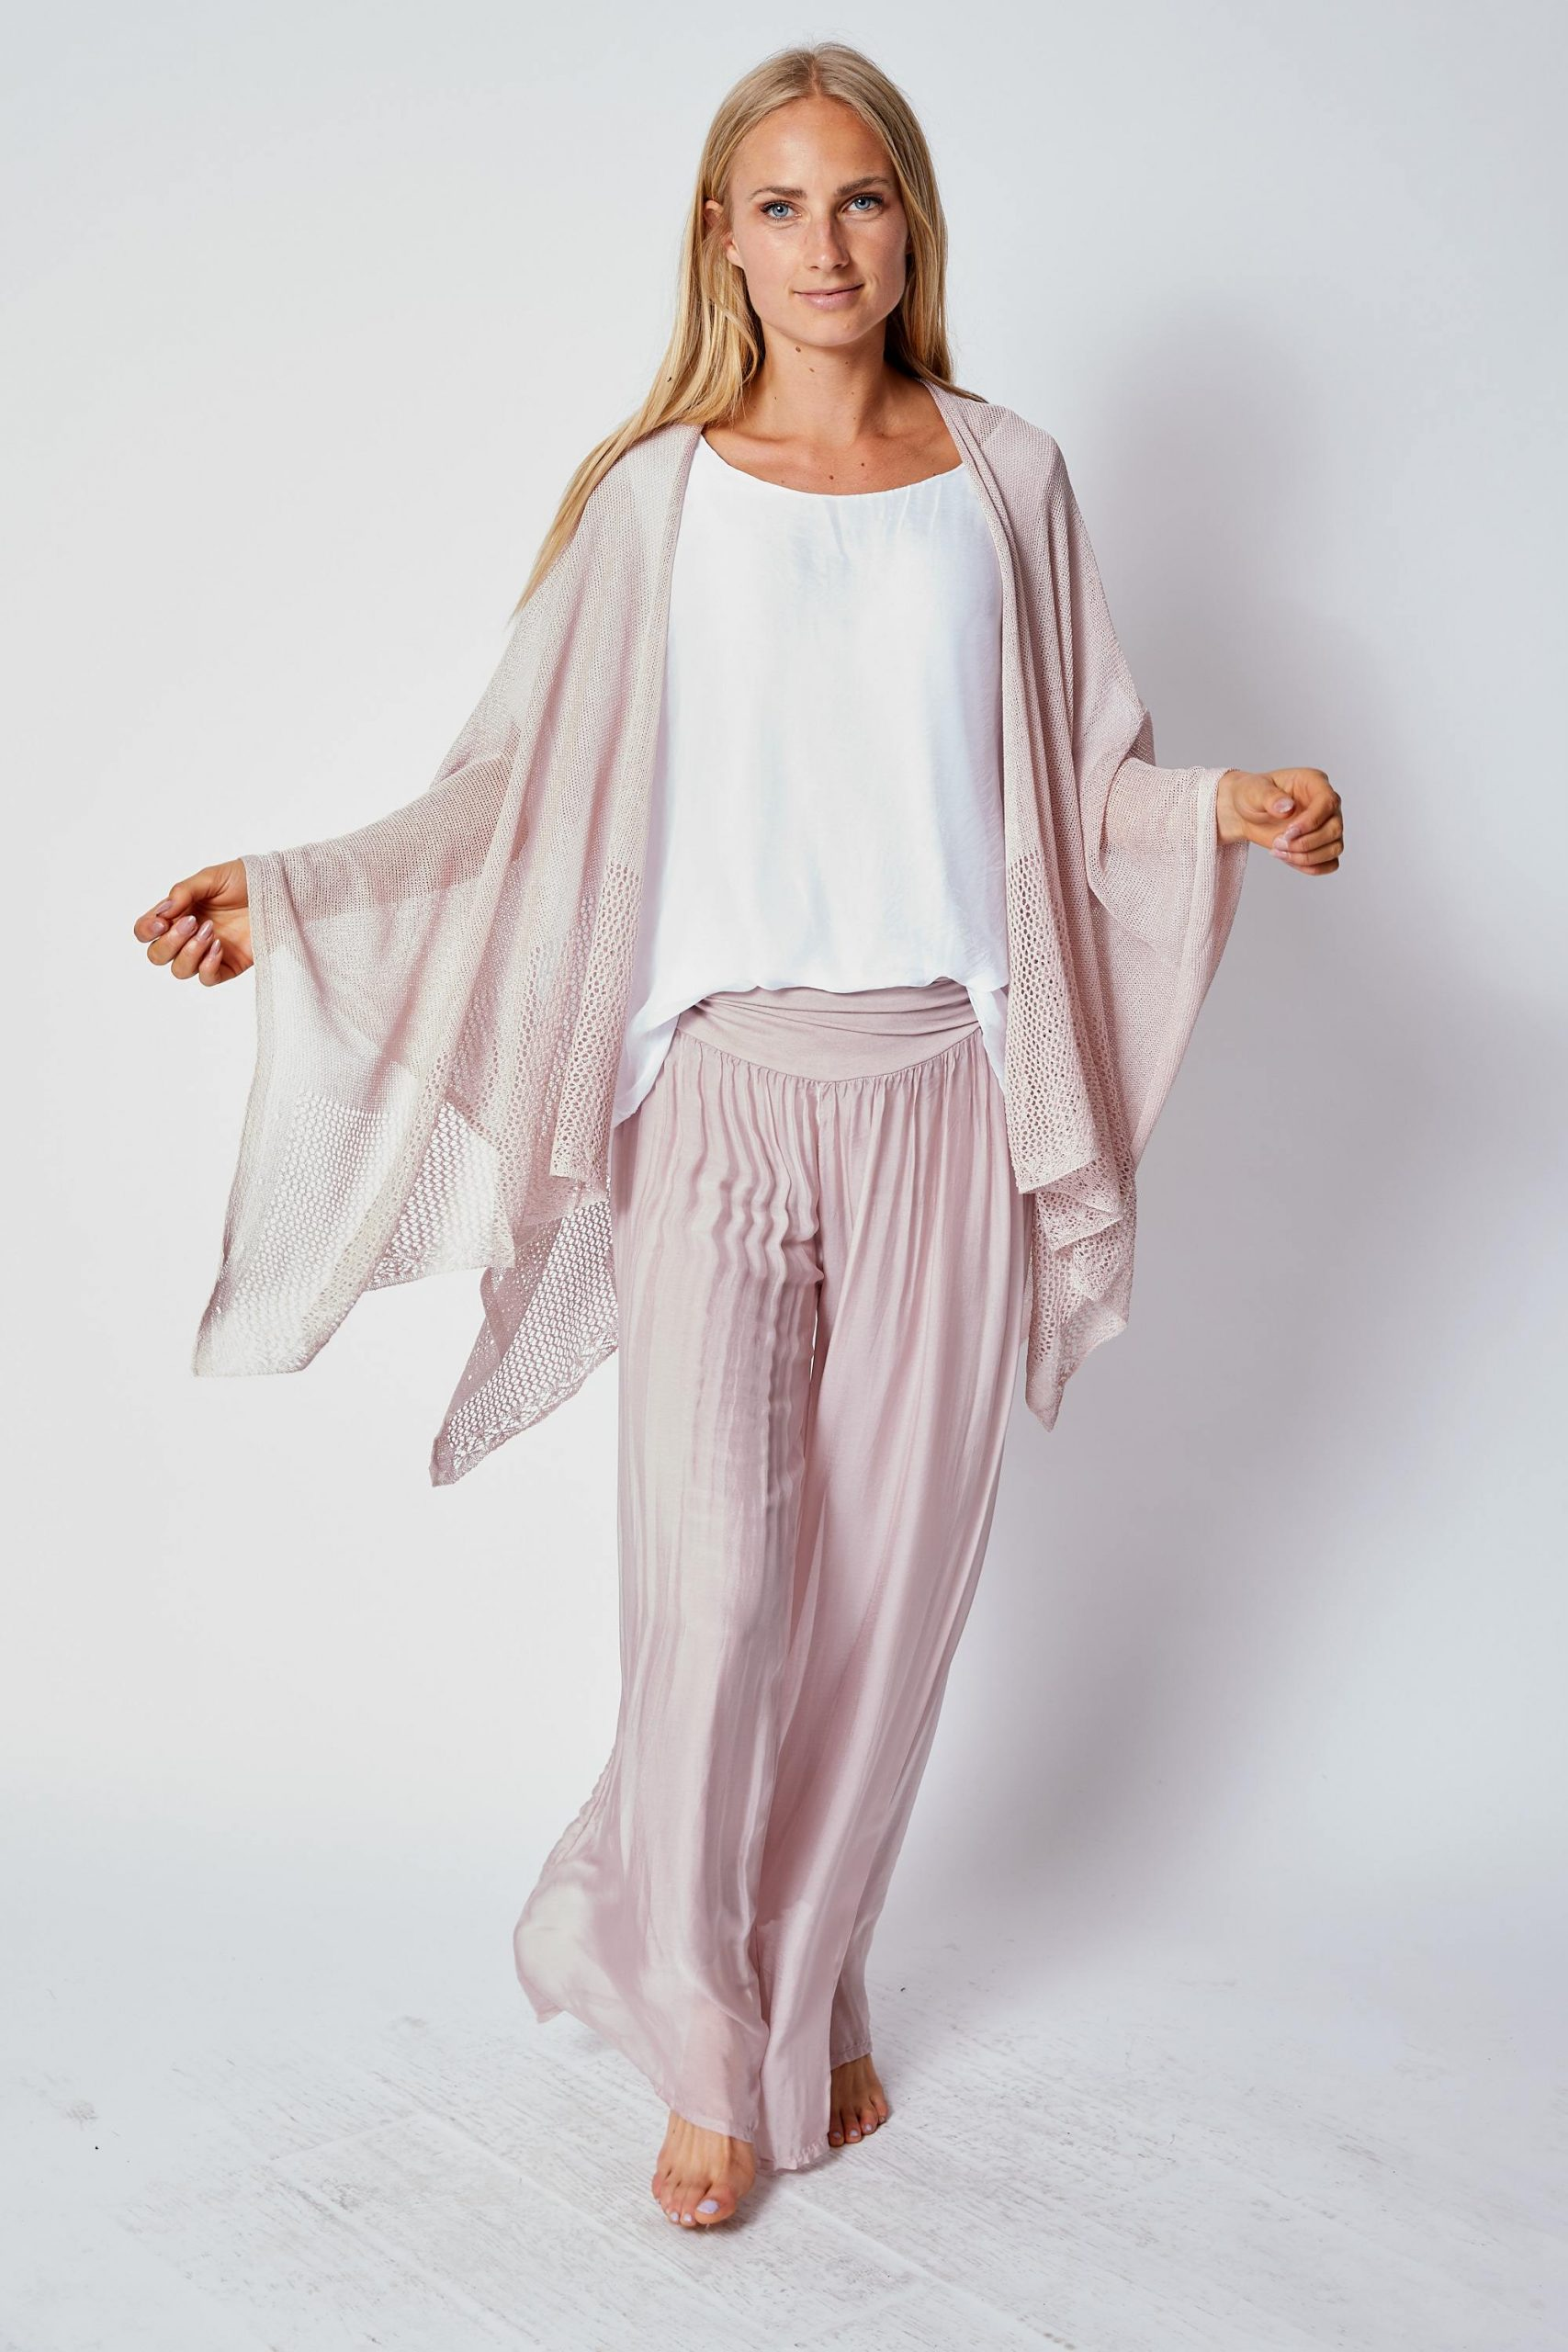 Jacqueline B Clothing